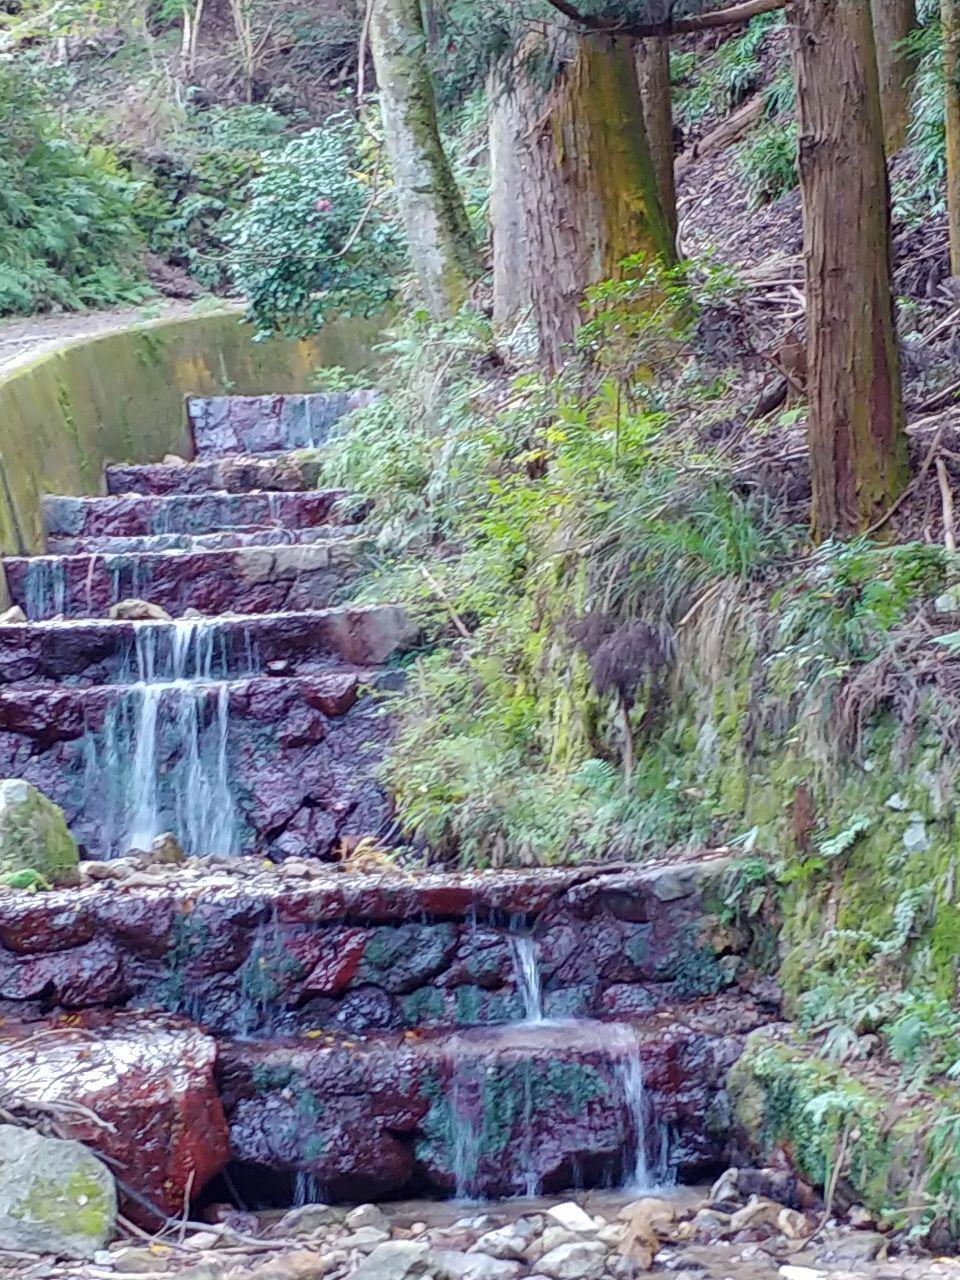 8789 - フィンテック グローバル(株) どうも💞 ここが先程通った銀閣寺裏にある山道の澤ですお気に入りスポット🌄